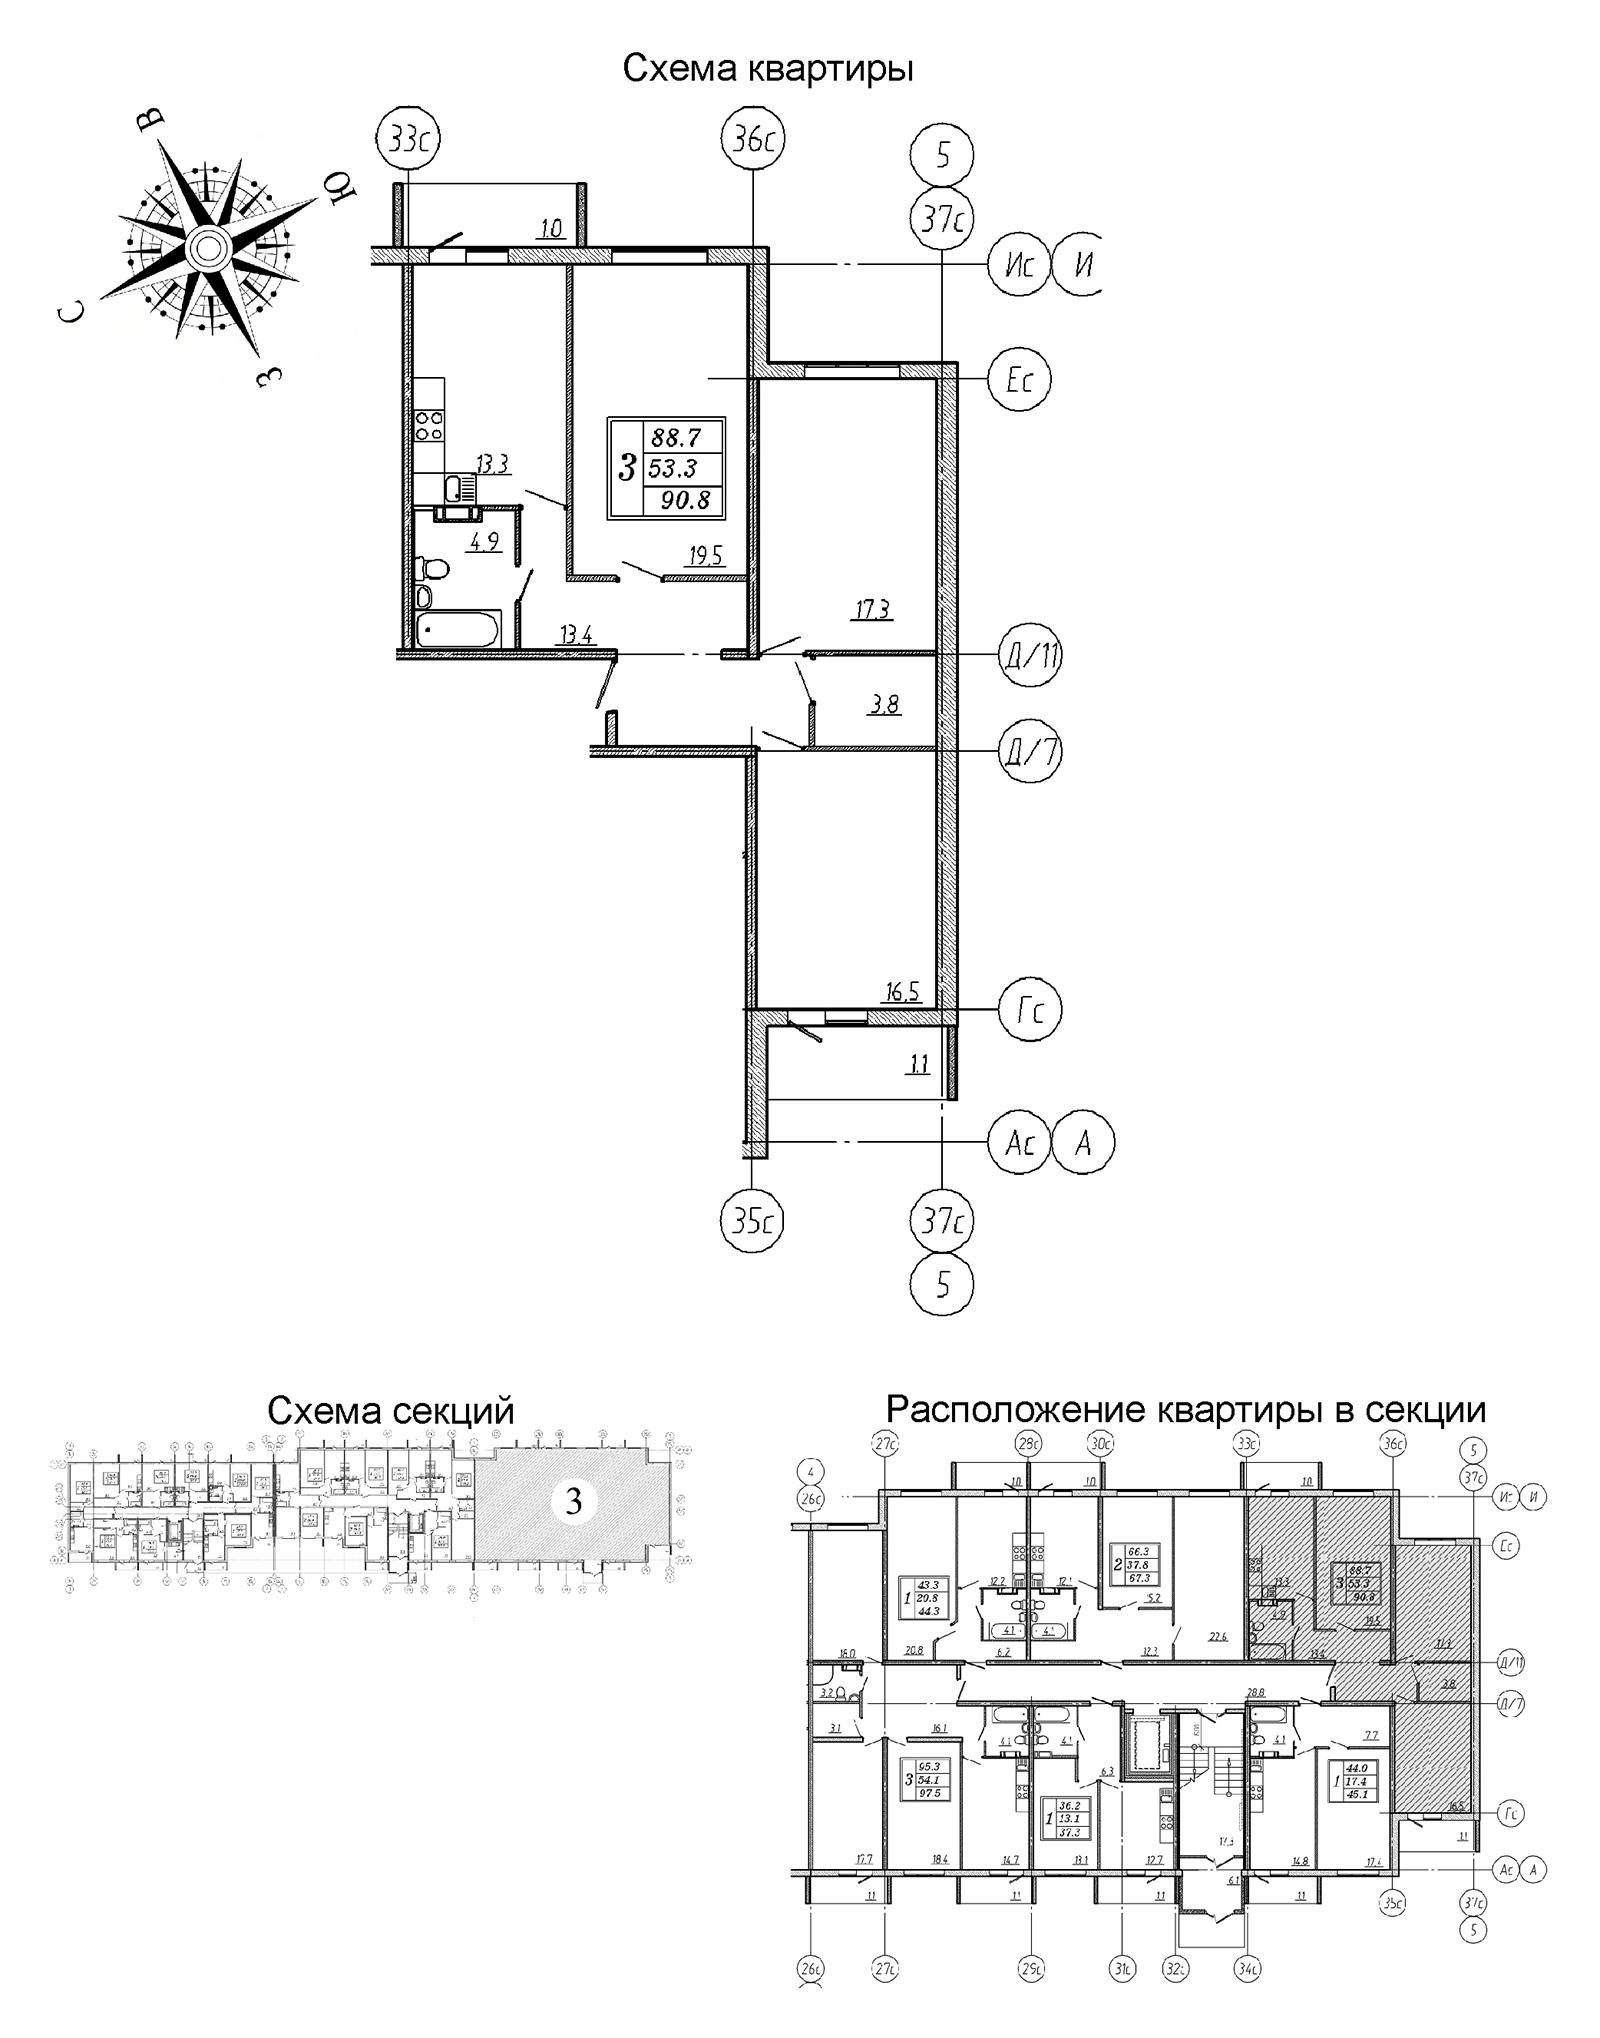 Трехкомнатная квартира 90,3 м2